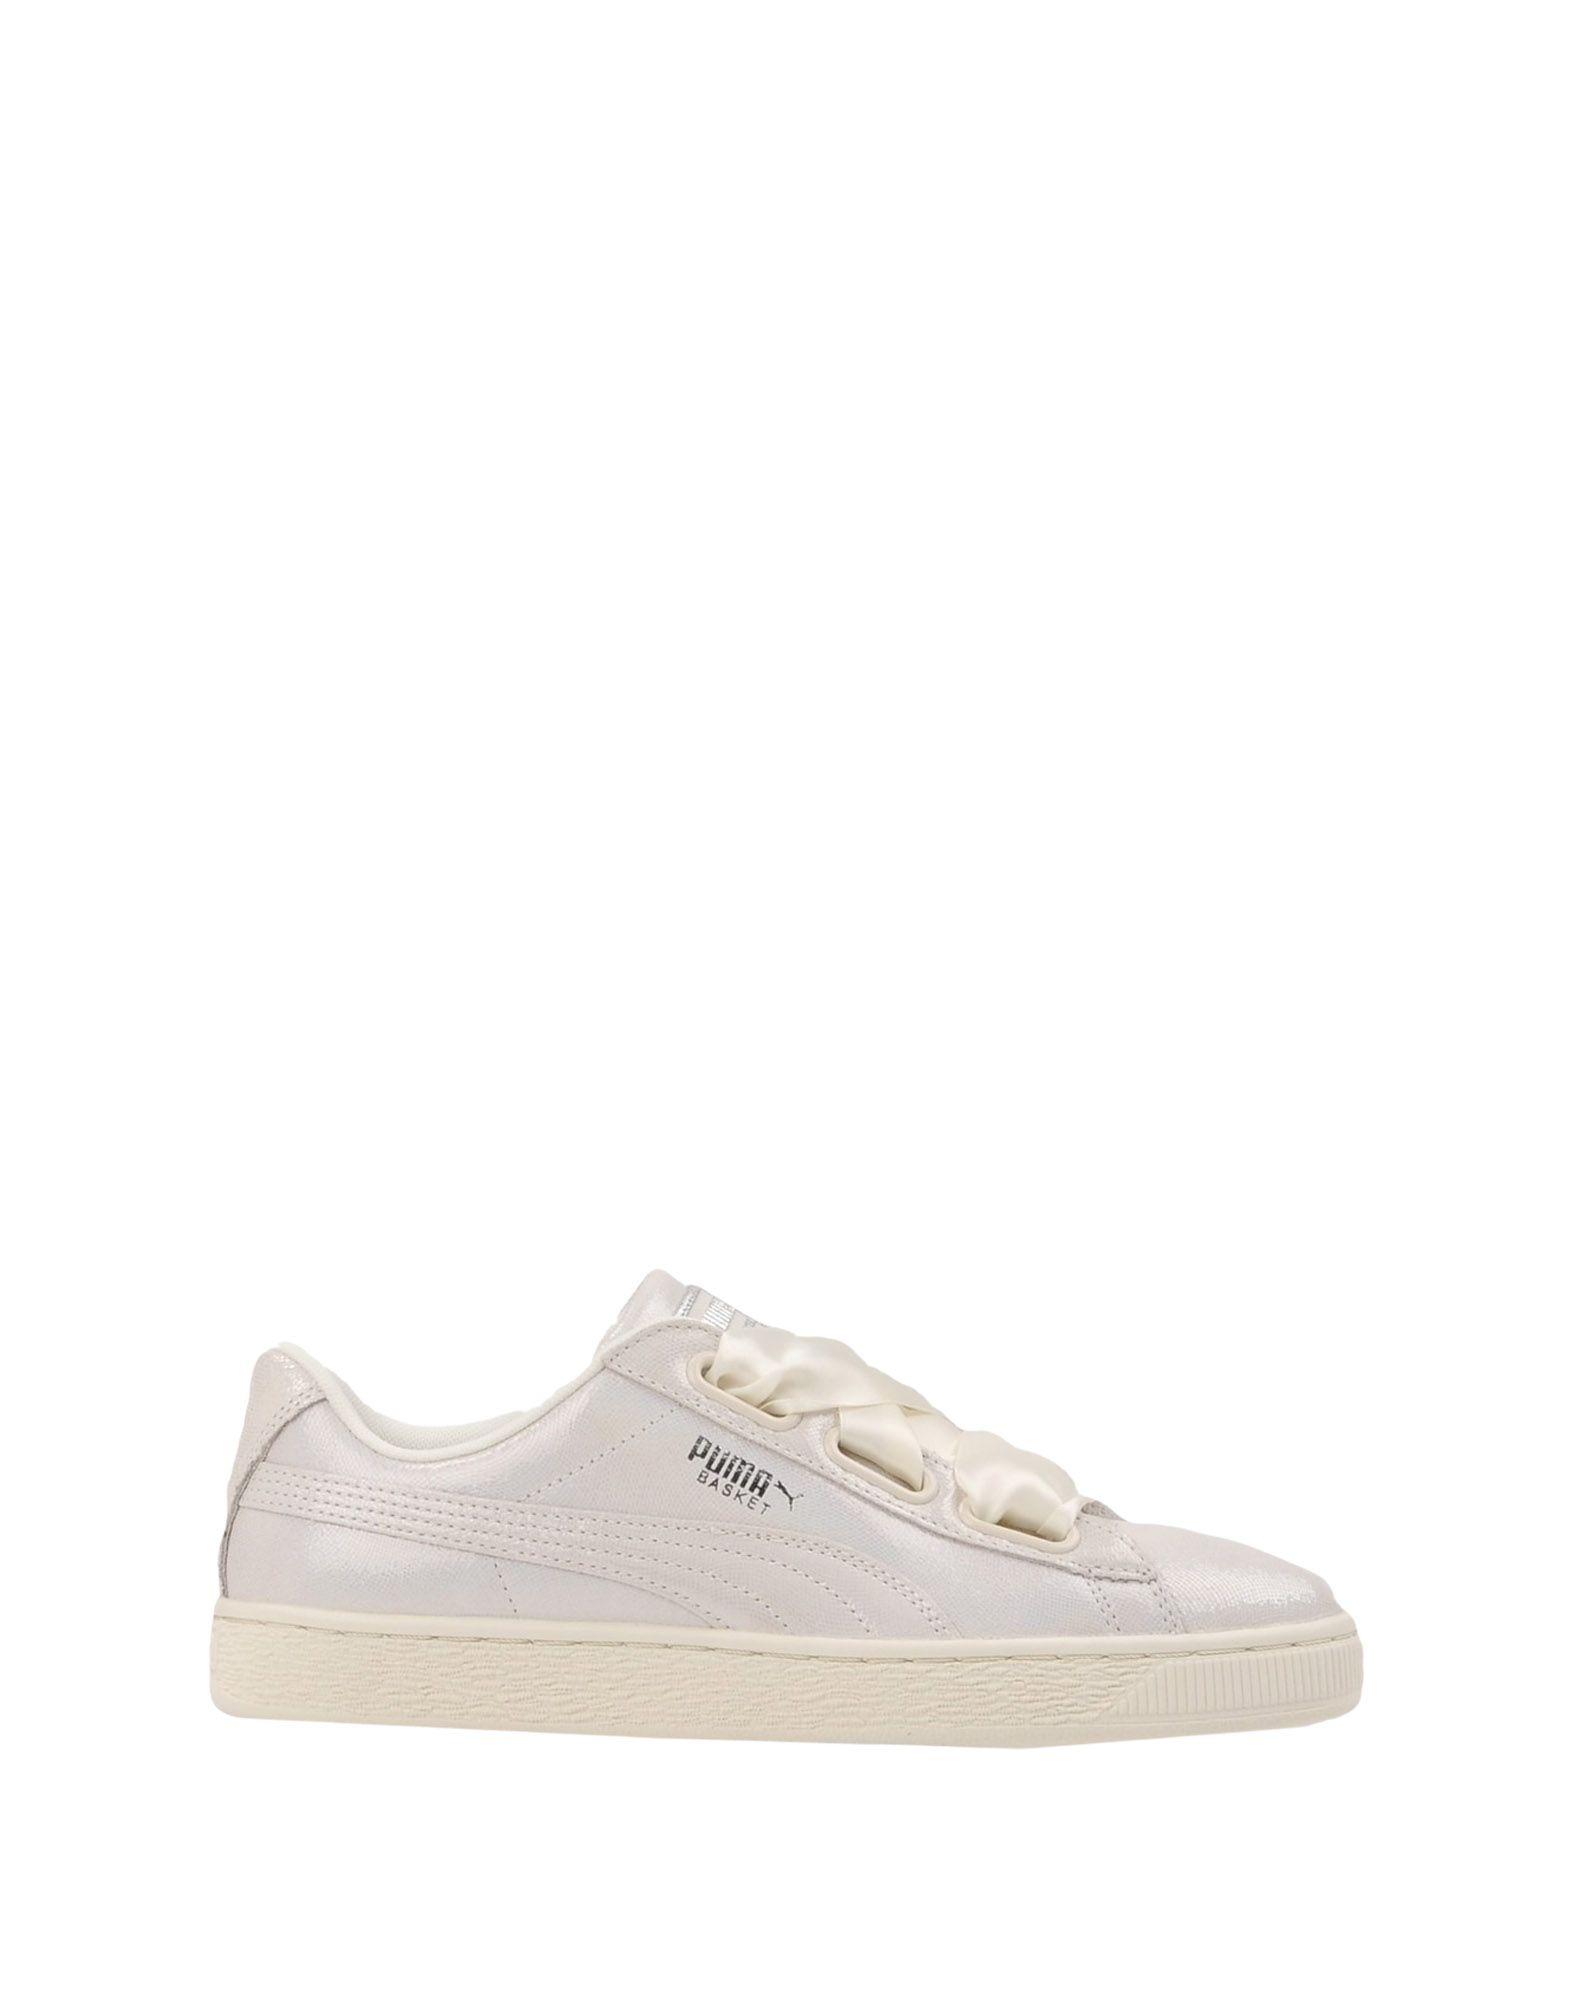 Puma Basket Heart Ns Wn's  Schuhe 11394417RH Gute Qualität beliebte Schuhe  458300